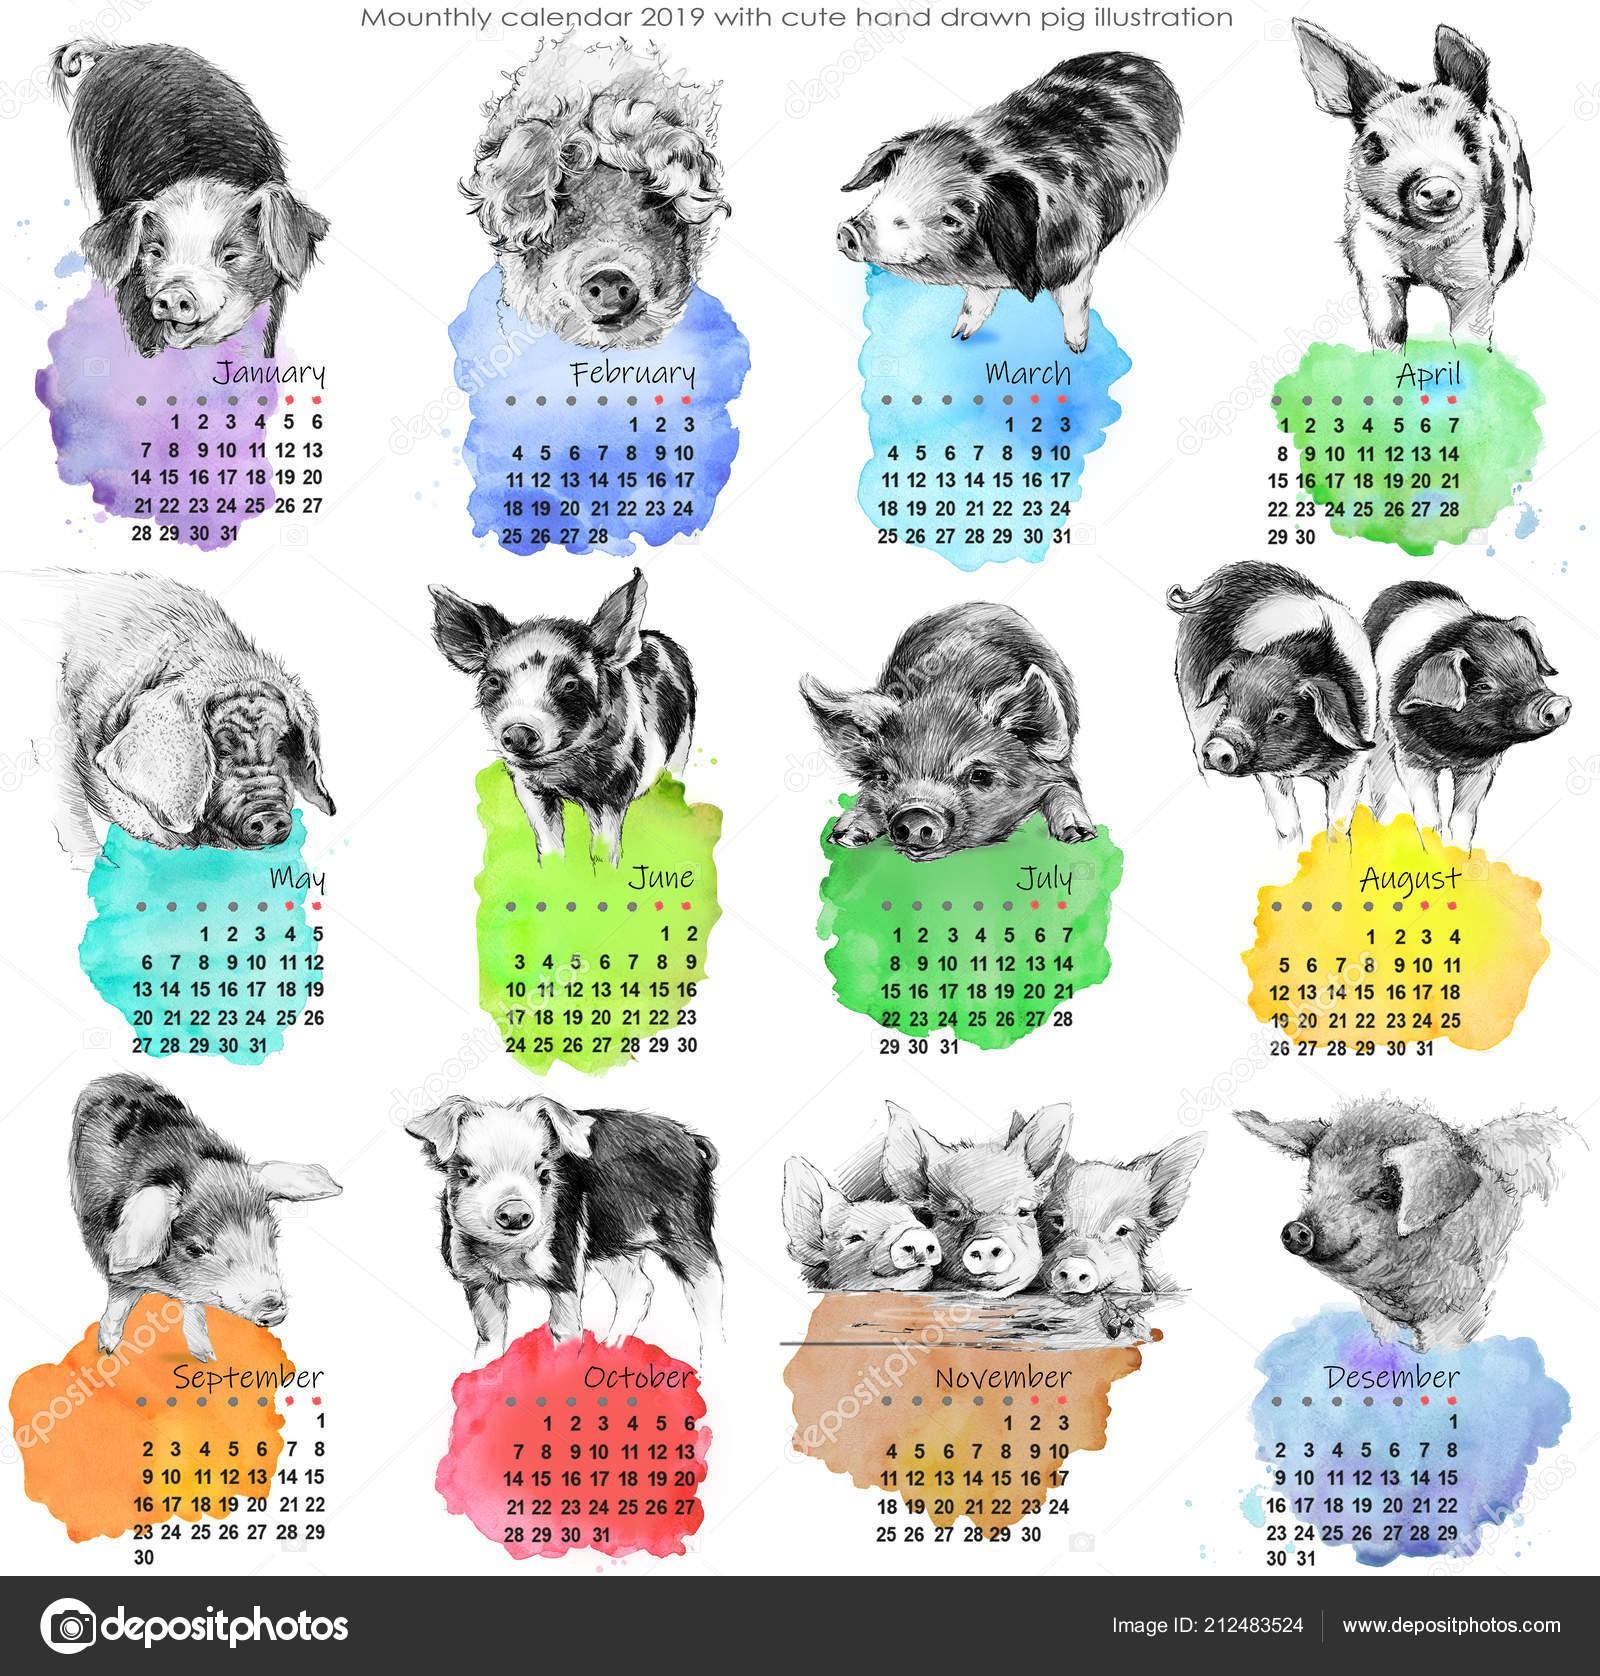 Calendario Imprimir Fevereiro 2019 Más Recientemente Liberado Calendário 2019 Bonito Calendário Mensal Ilustra§£o Porcos